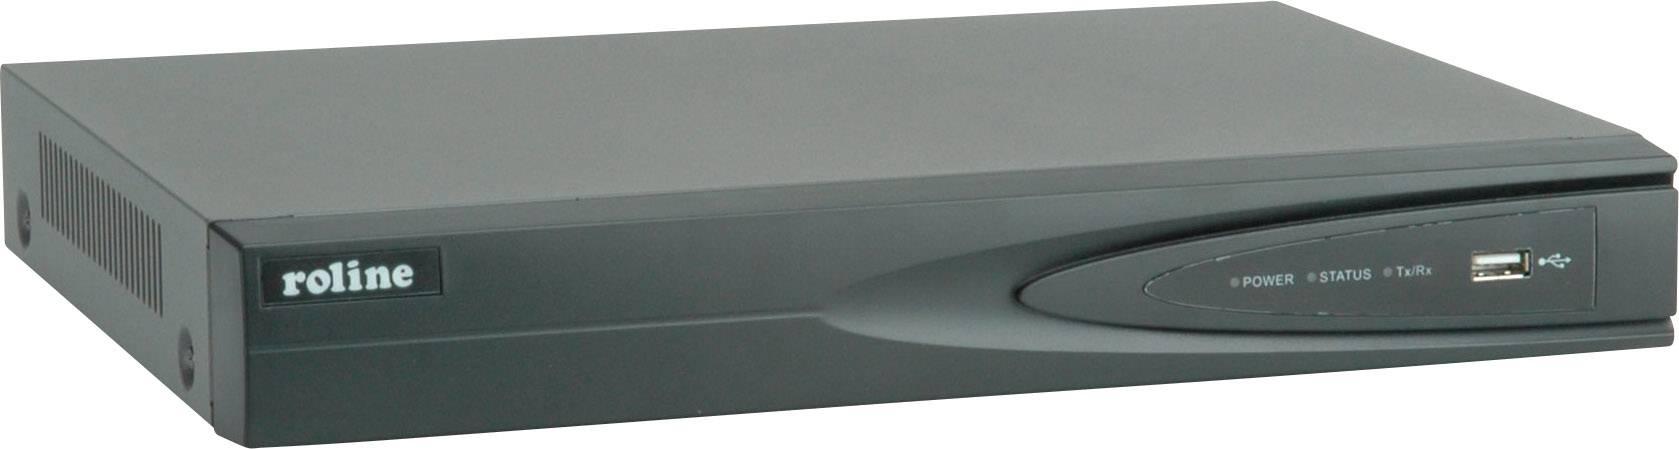 Sieťový IP videorekordér (NVR) pre bezp.kamery Roline RNR0104P 21.19.7310, 4-kanálový